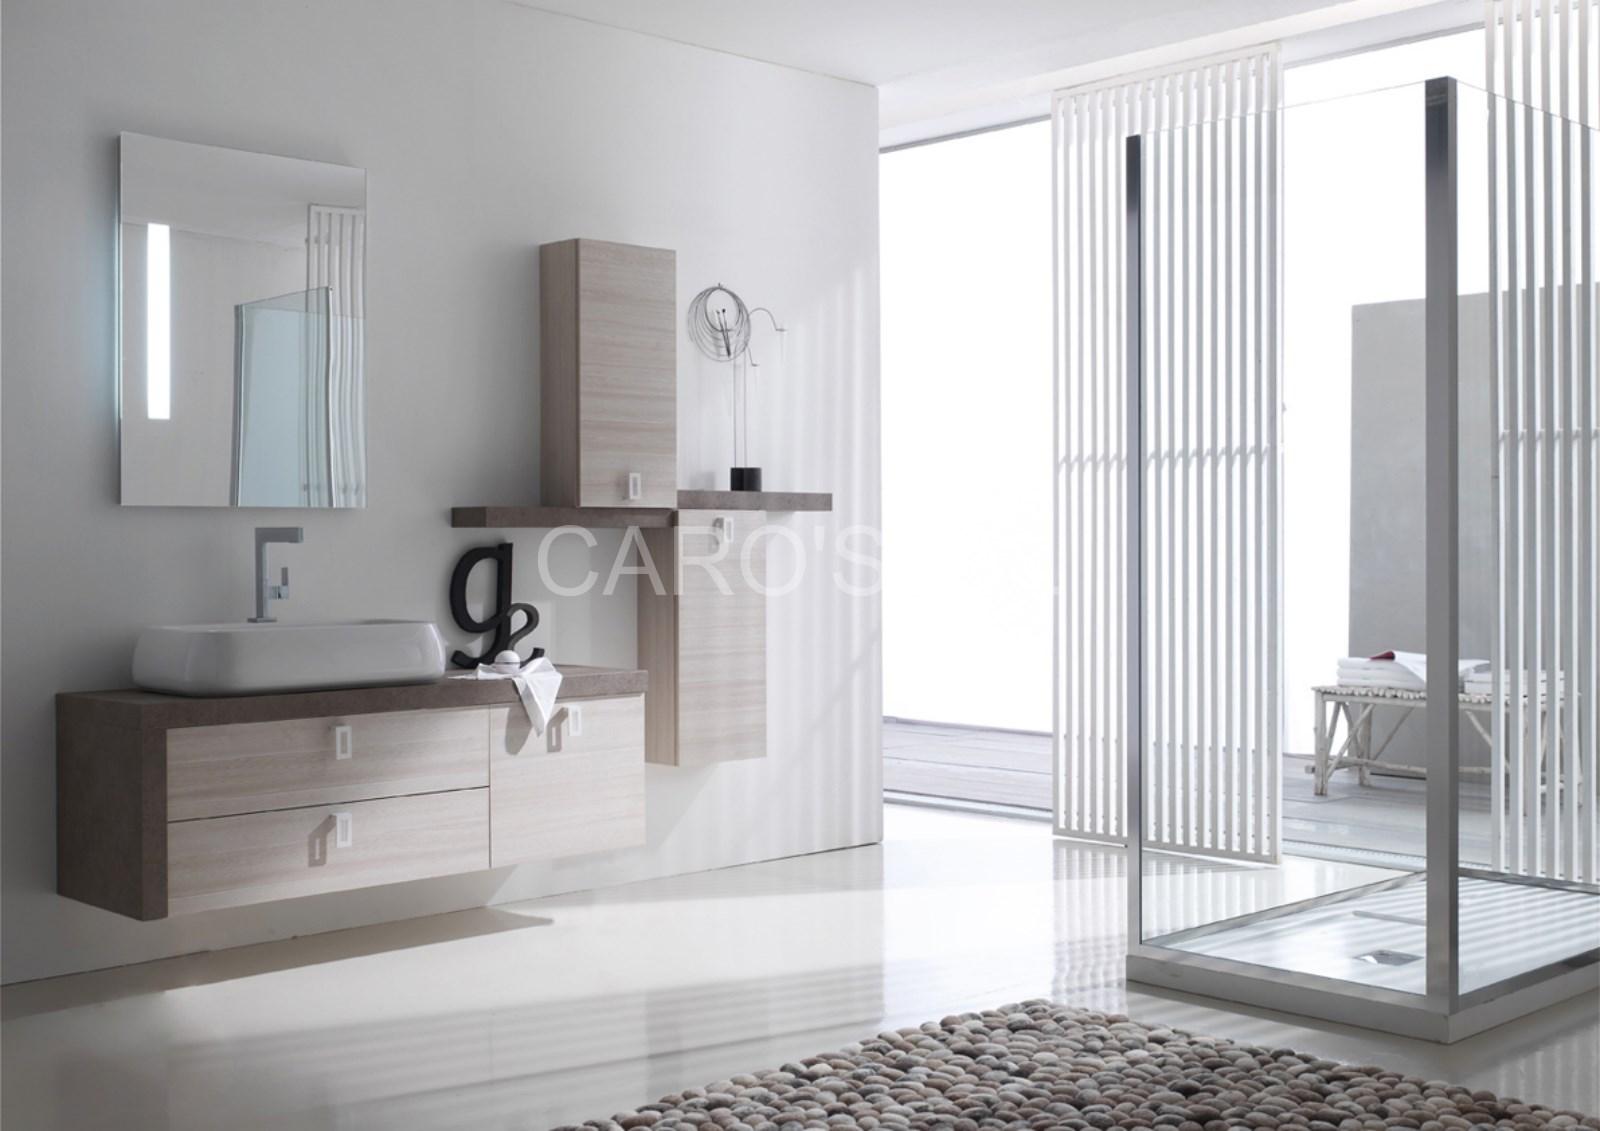 Ensemble de salle de bains composable magasin de carrelage pierre naturelle salle de bain - Sol salle de bain jonc de mer ...